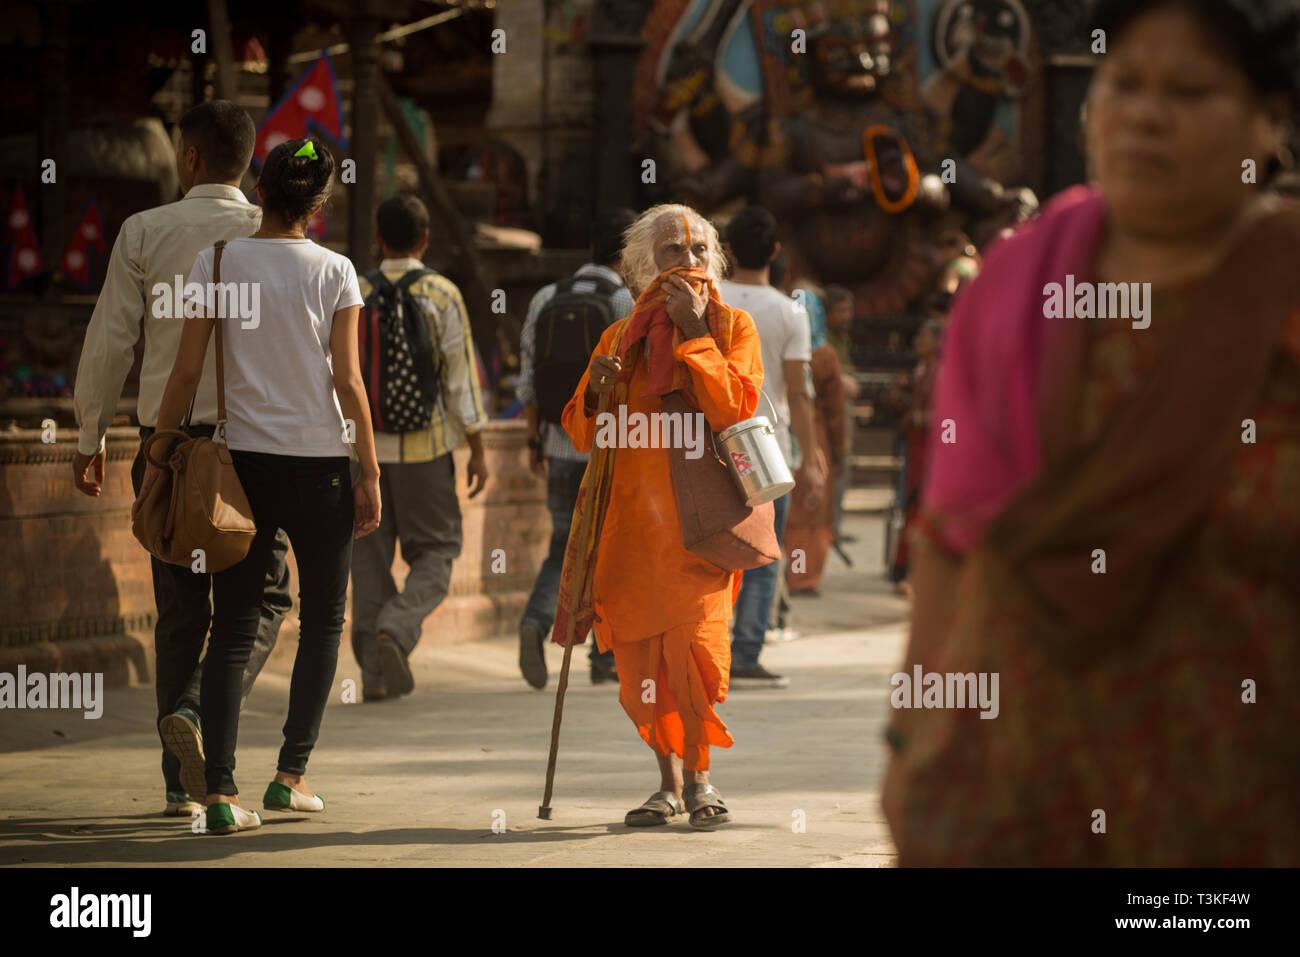 Sadhu walking in the street - Stock Image